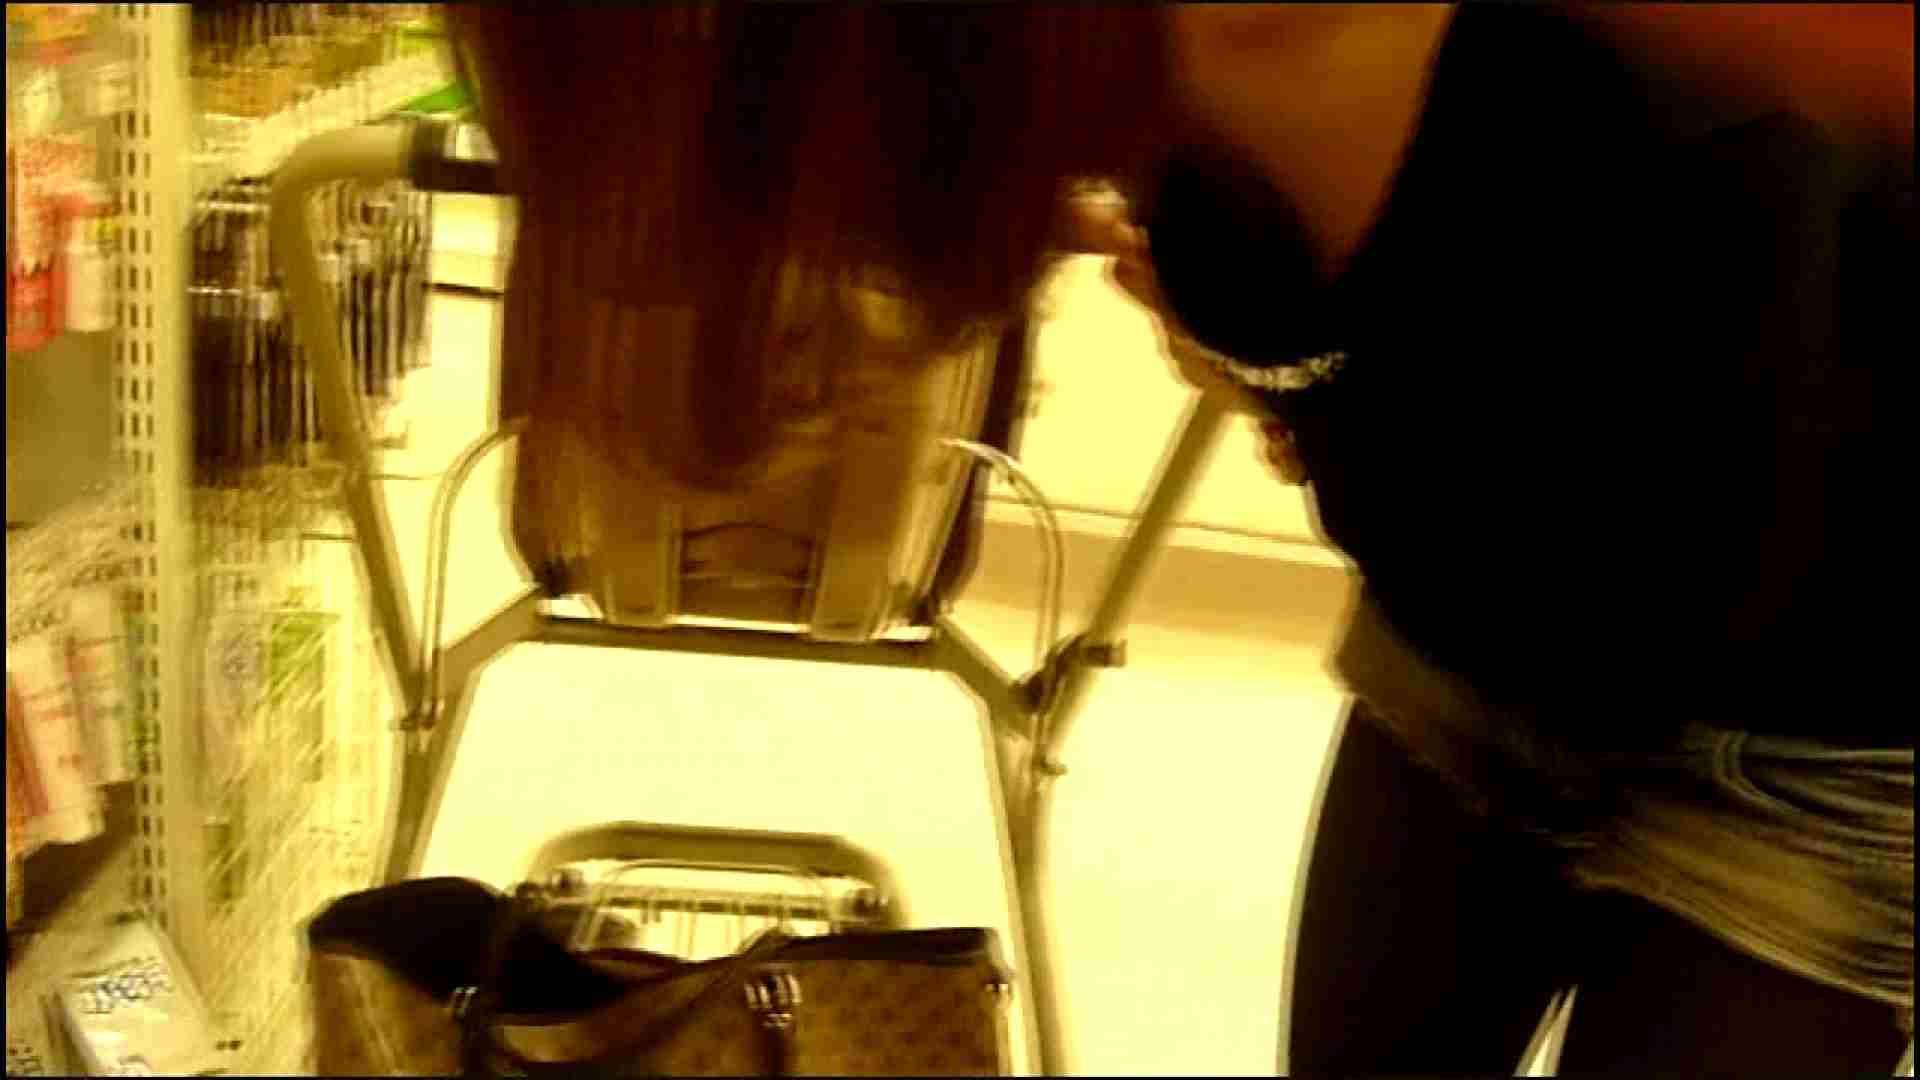 NO.1 ベビーコーナーにいた美人ママさん アラ30 | チラ  40画像 35